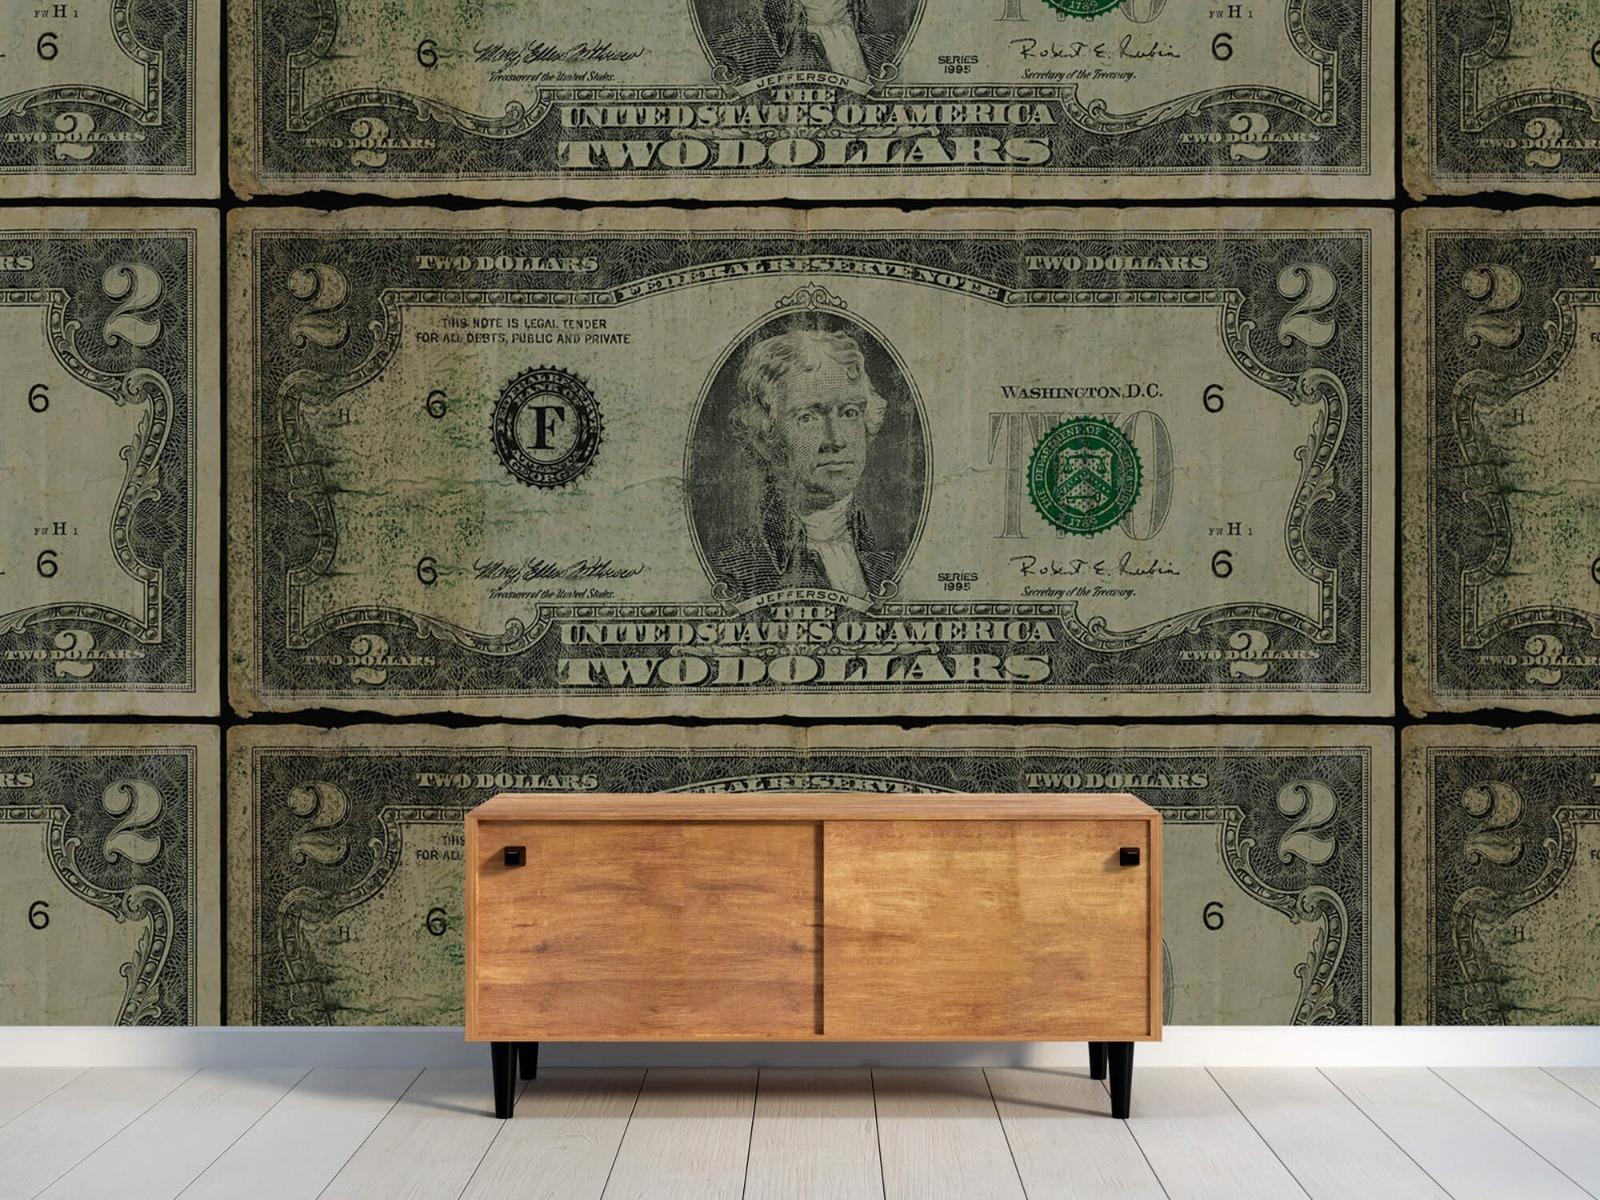 Overige - Twee dollar - Tienerkamer 9